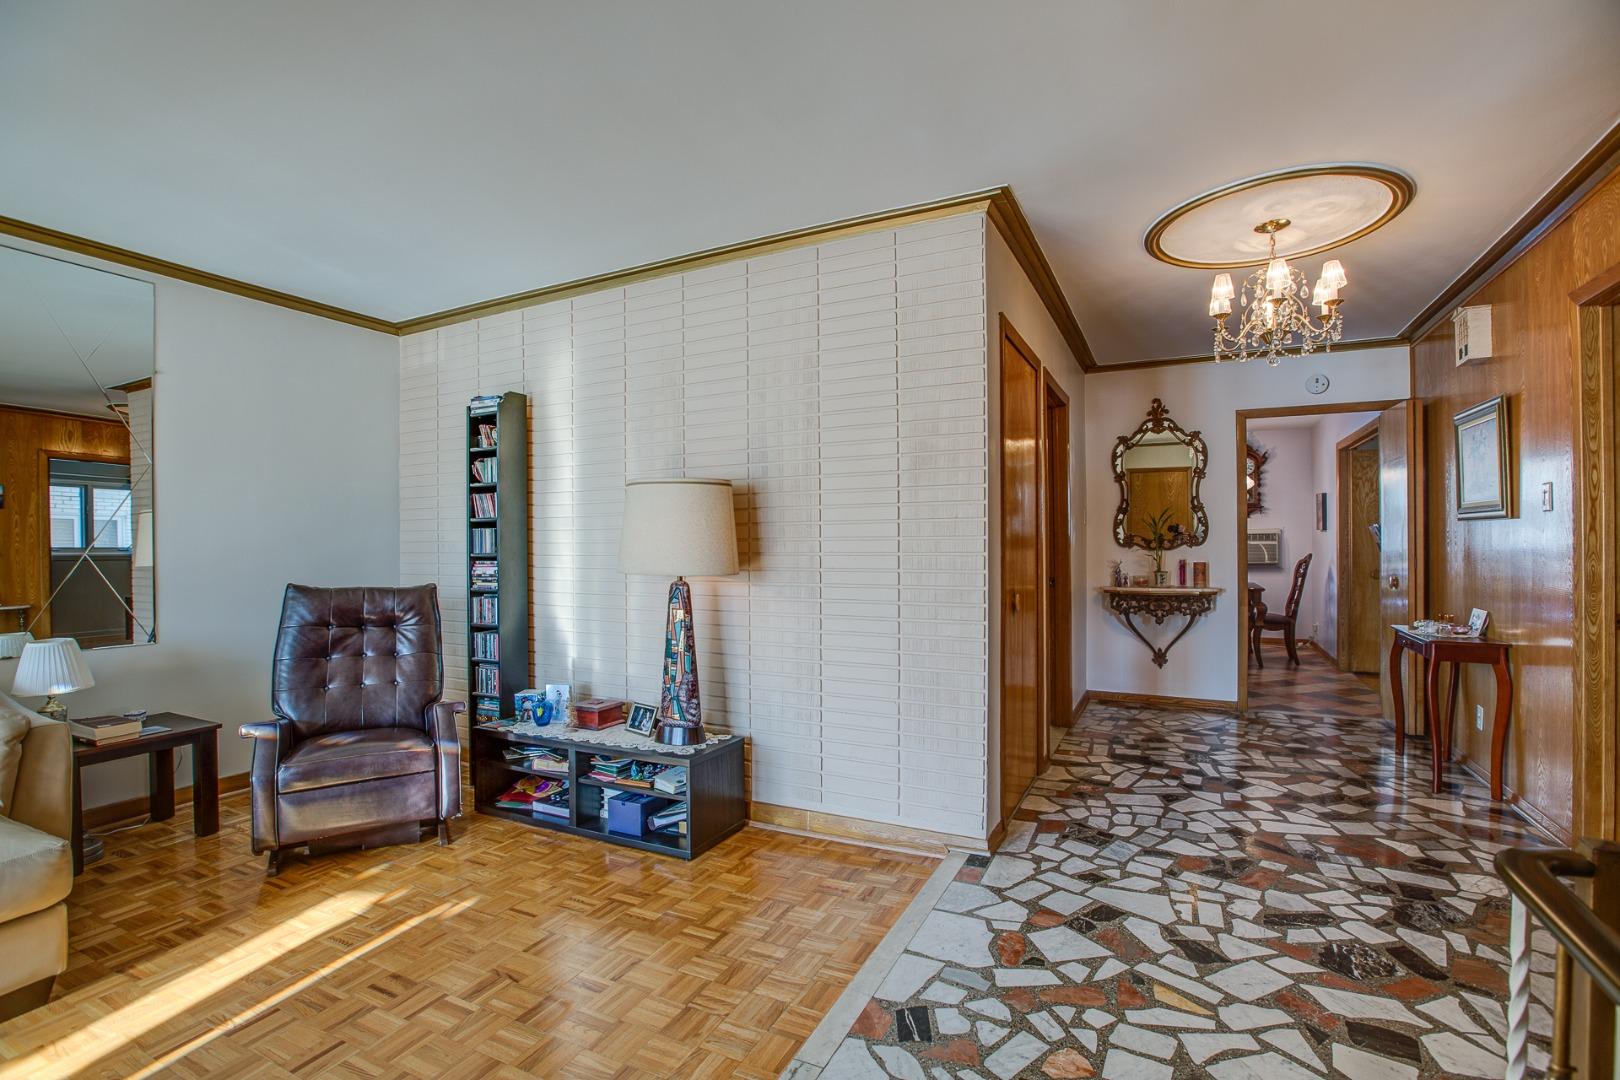 Duplex à vendre Montréal Mercier Hochelaga-Maisonneuve - Corridor